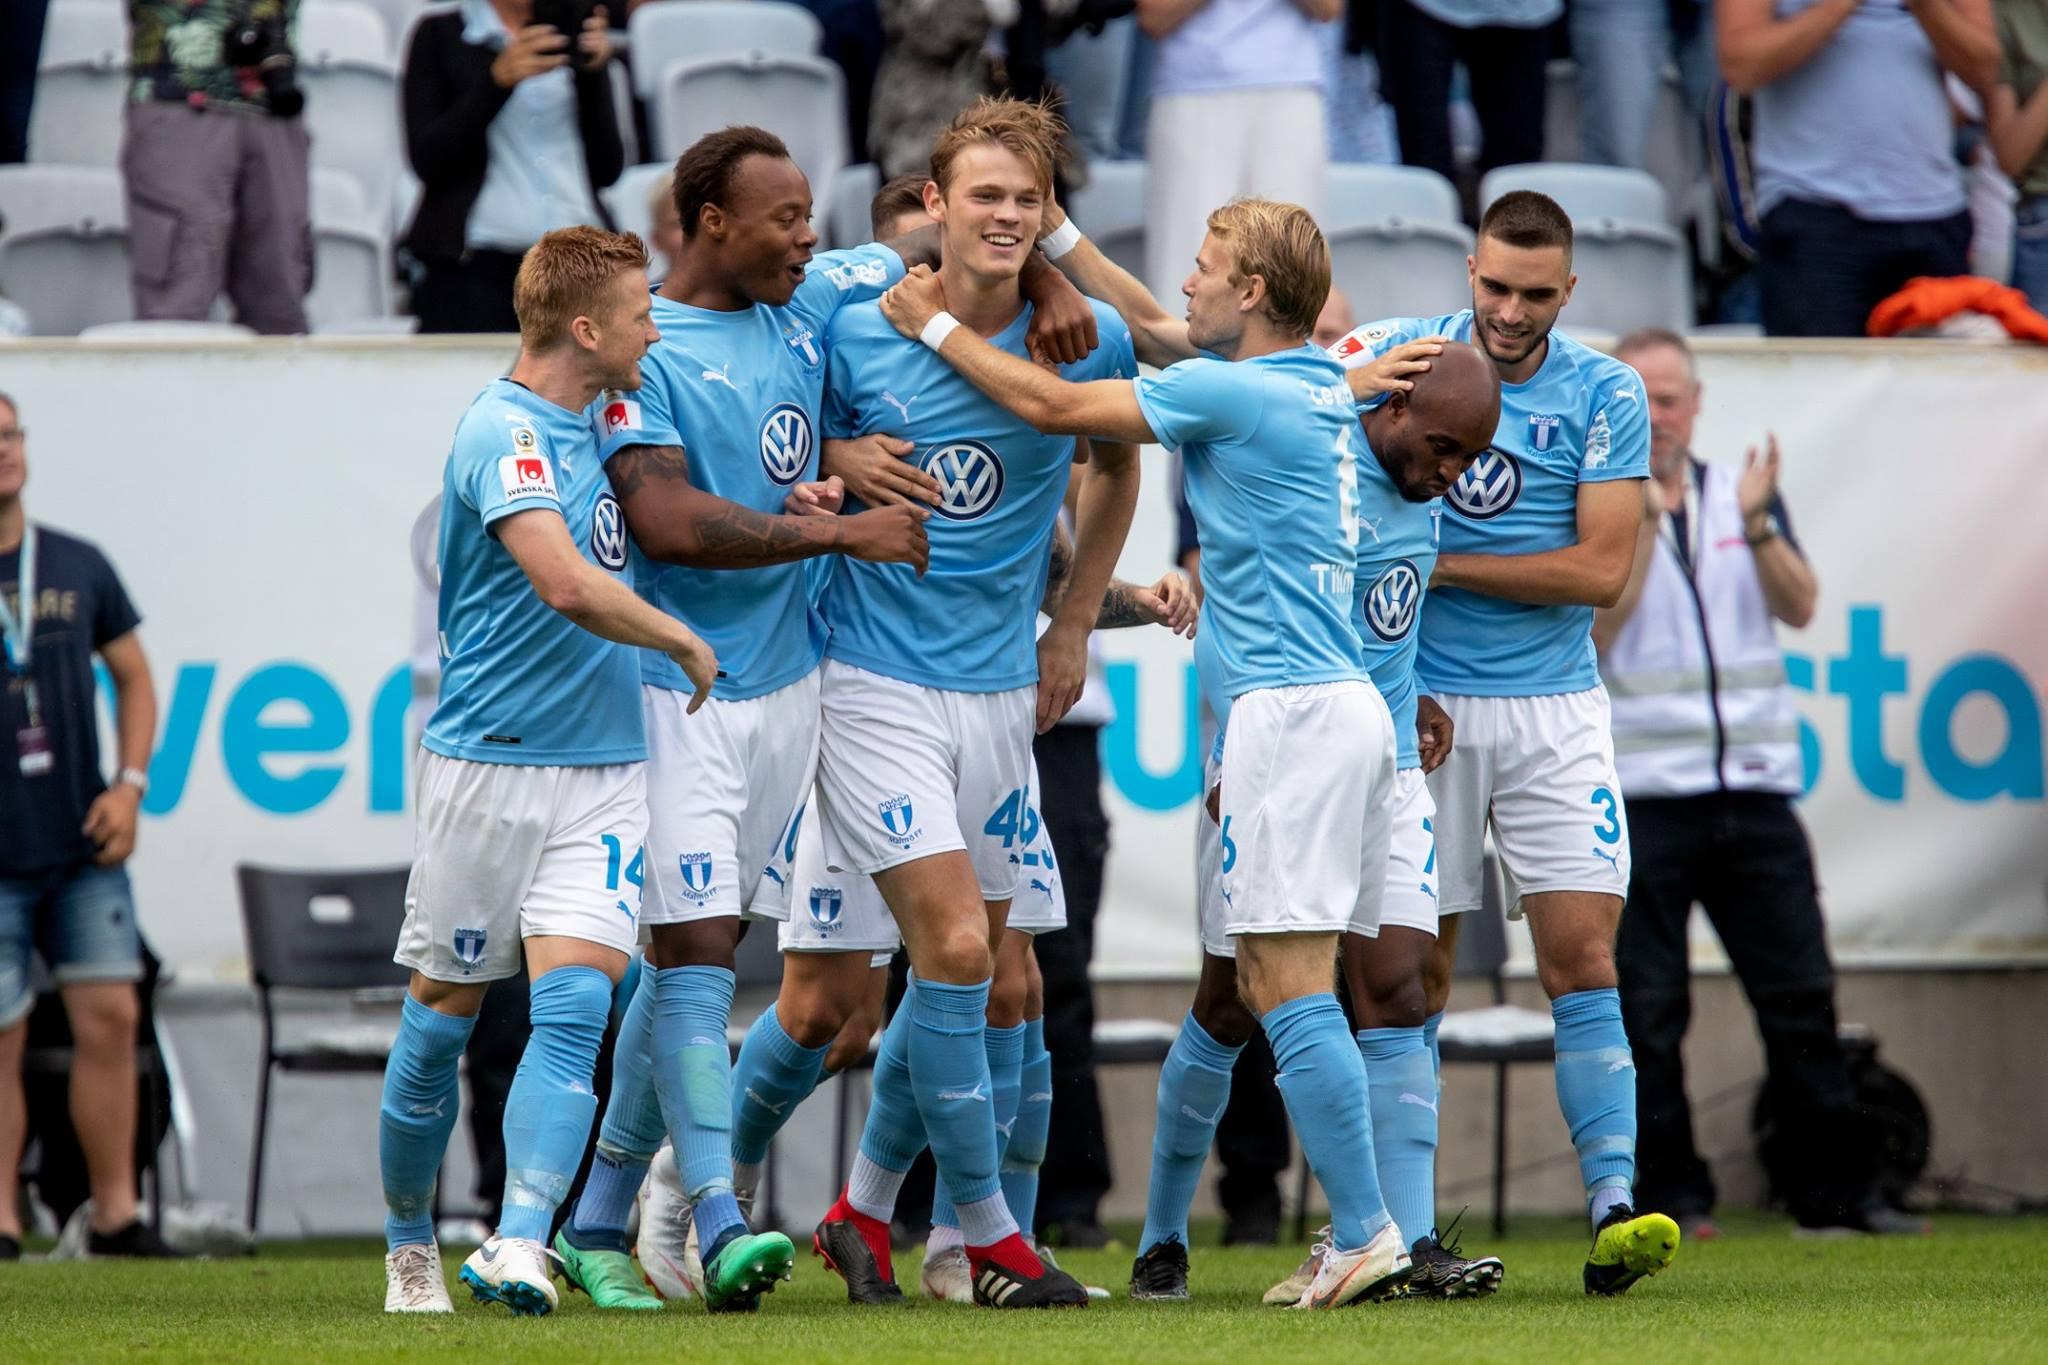 Allsvenskan, Malmo-Hacken lunedì 1 aprile: analisi e pronostico della prima giornata del campionato svedese